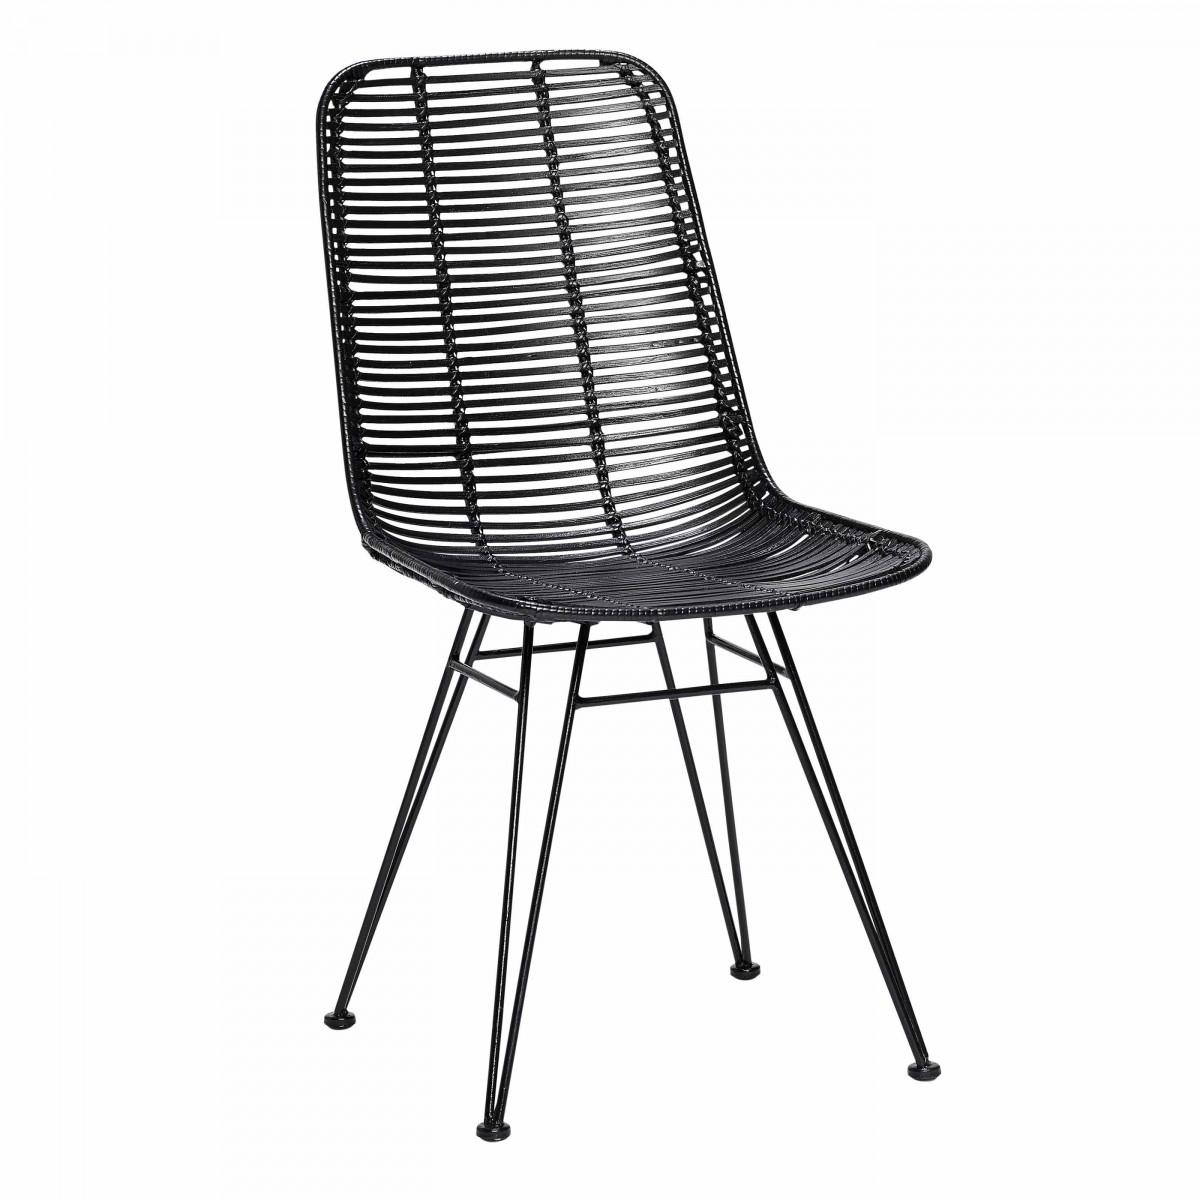 Chaise studio en rotin noir et pieds m tal h bsch for Chaise en rotin et metal